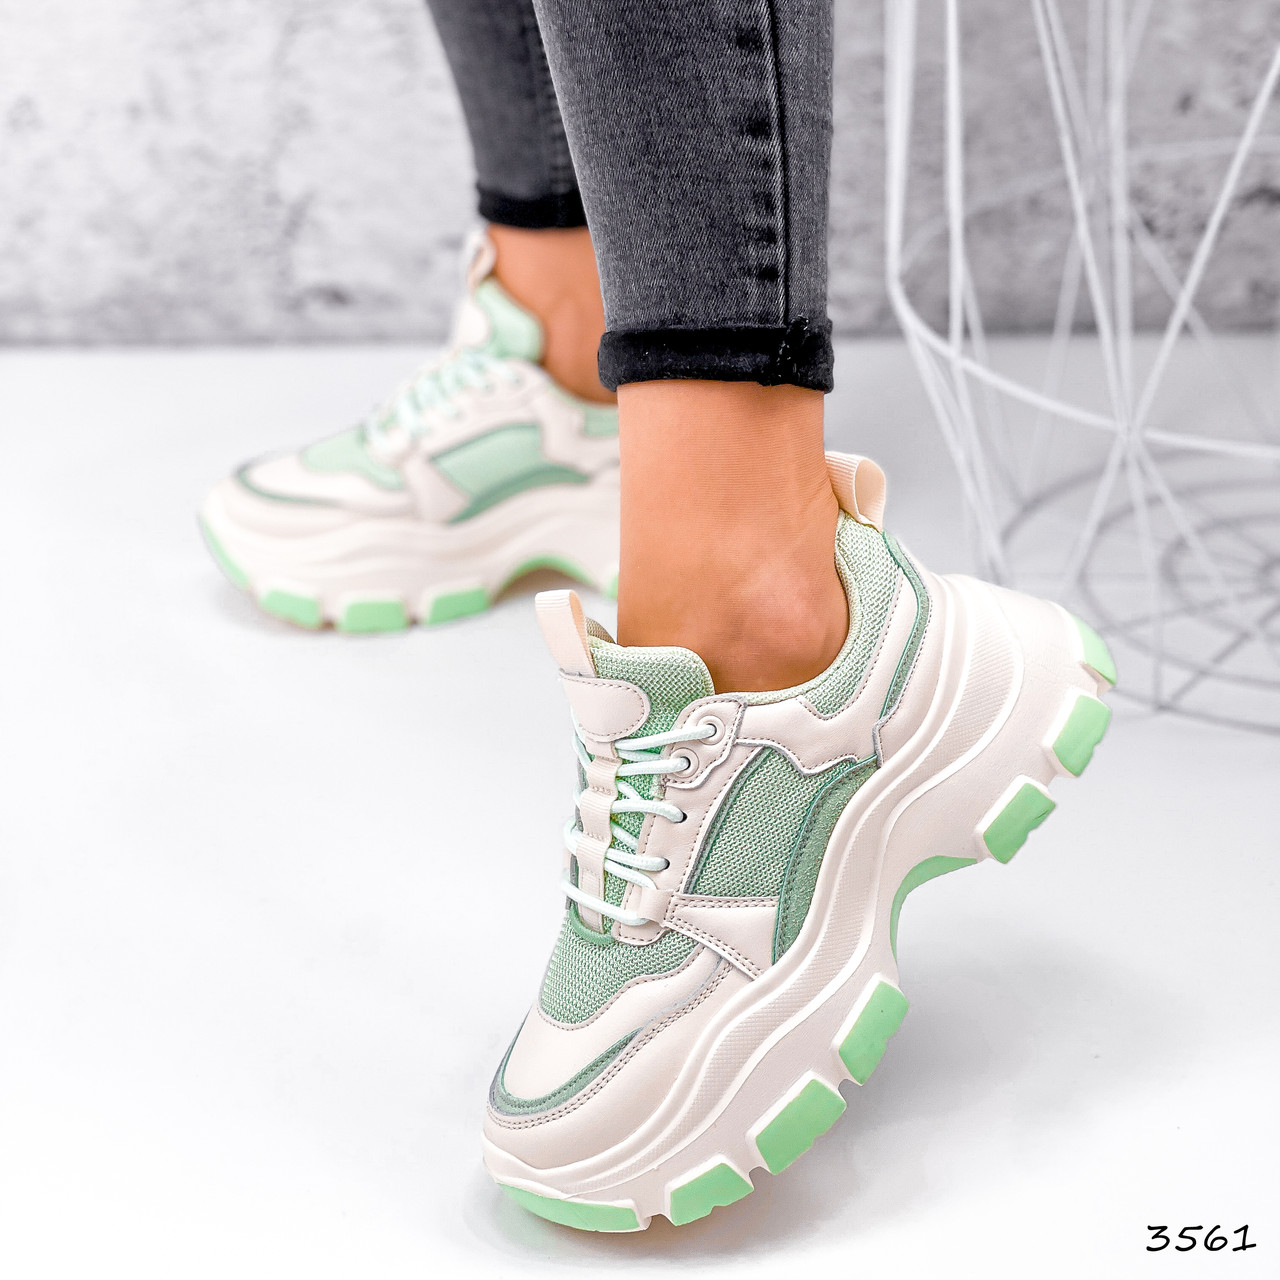 Кросівки жіночі Simar беж + світло м'ятний 3561